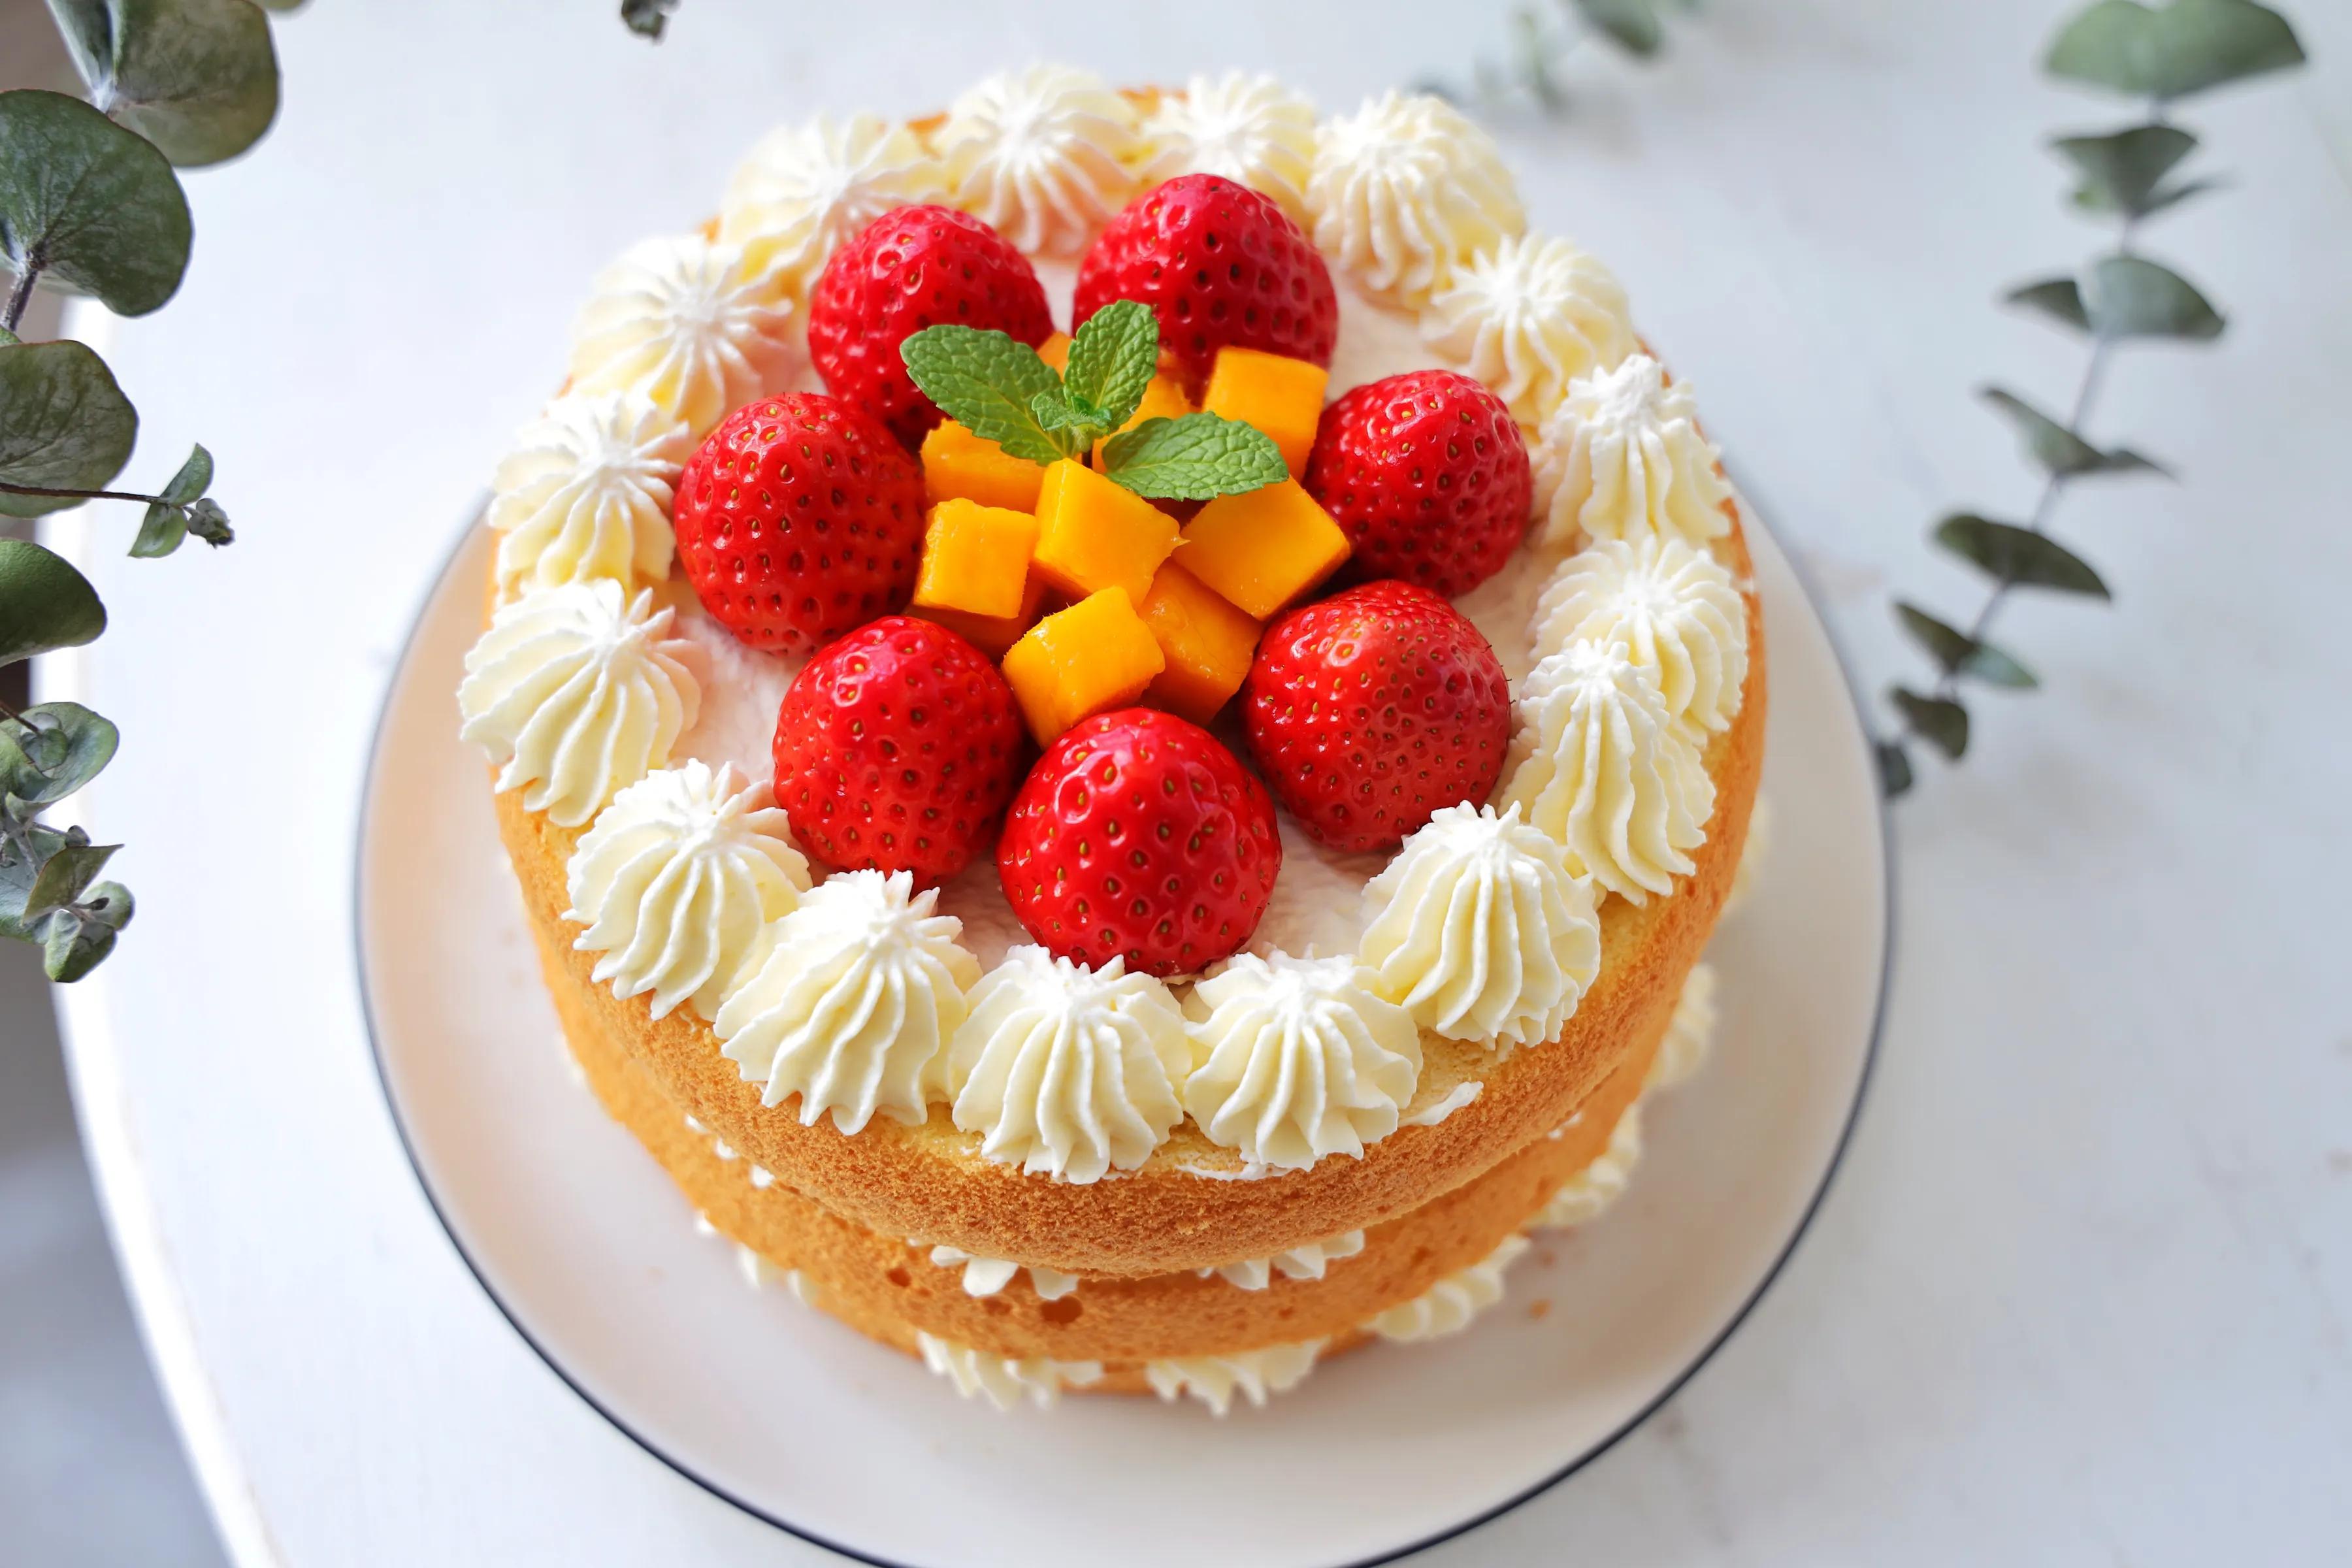 生日蛋糕別買了,教你在家做,不用抹面,簡單零失敗,健康又好吃